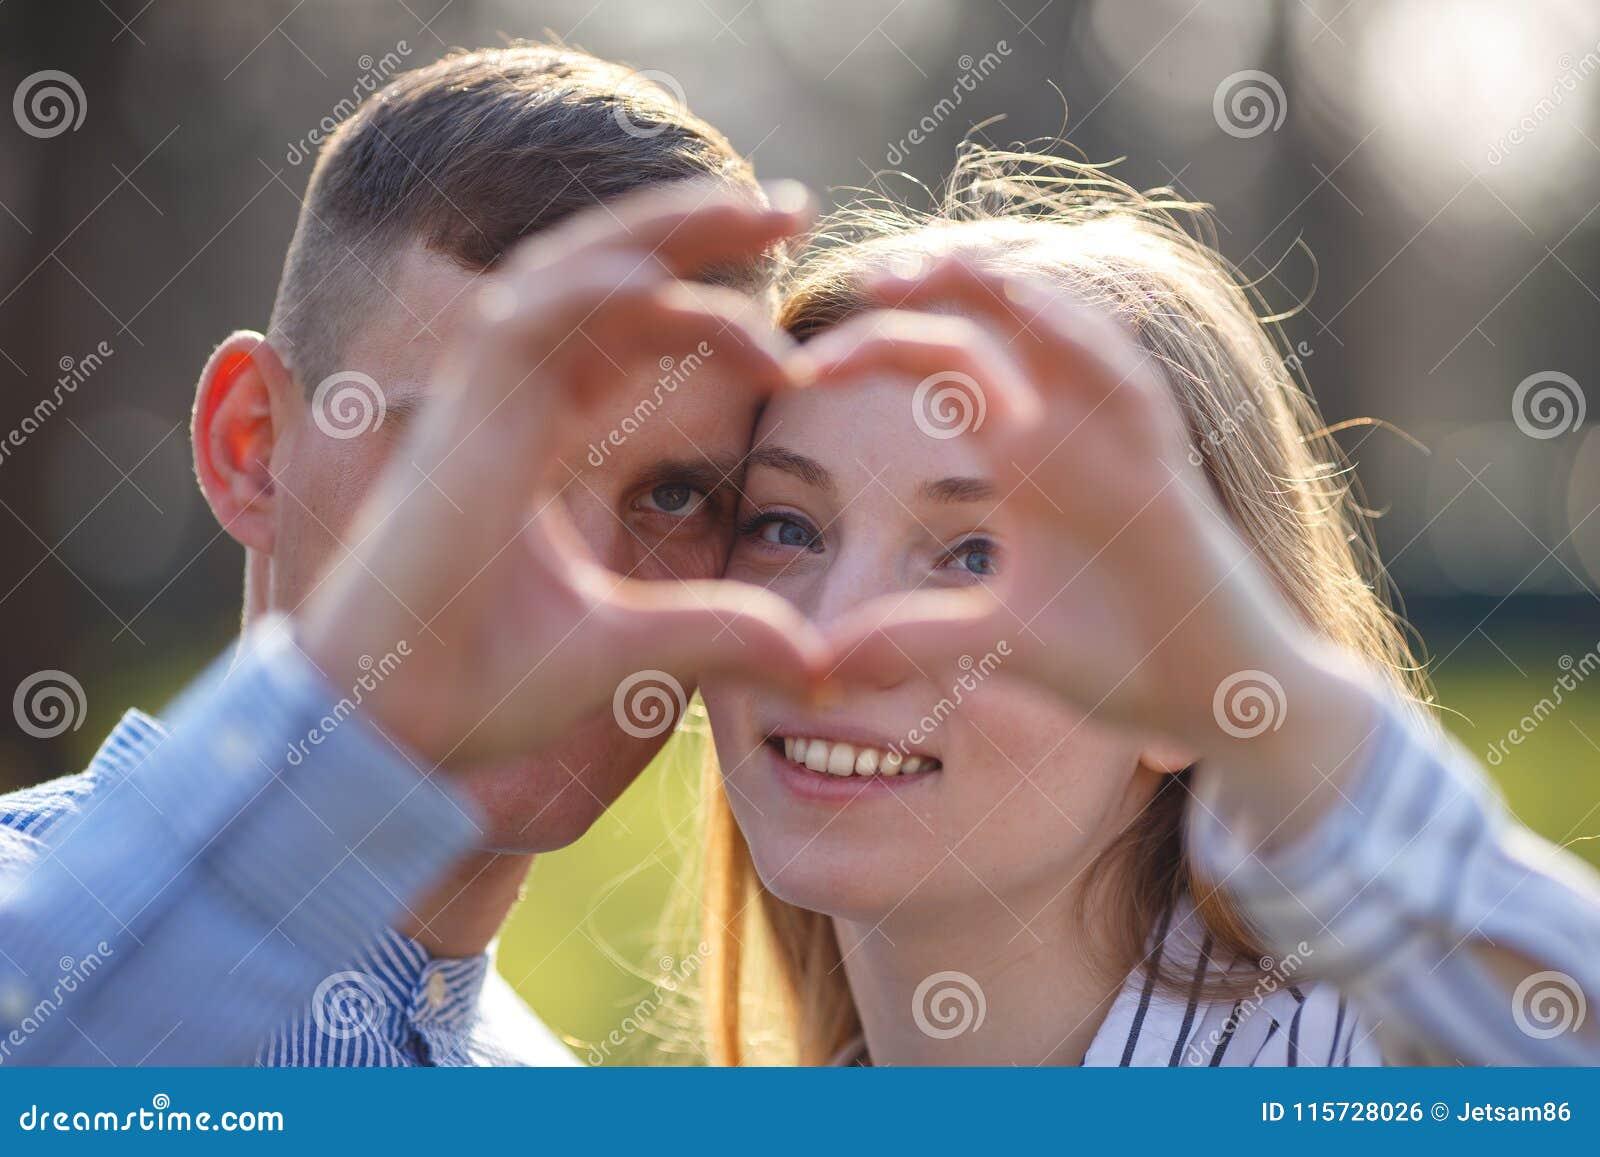 Verbinden Sie das Schauen durch ein Herz, das mit den Fingern gemacht wird